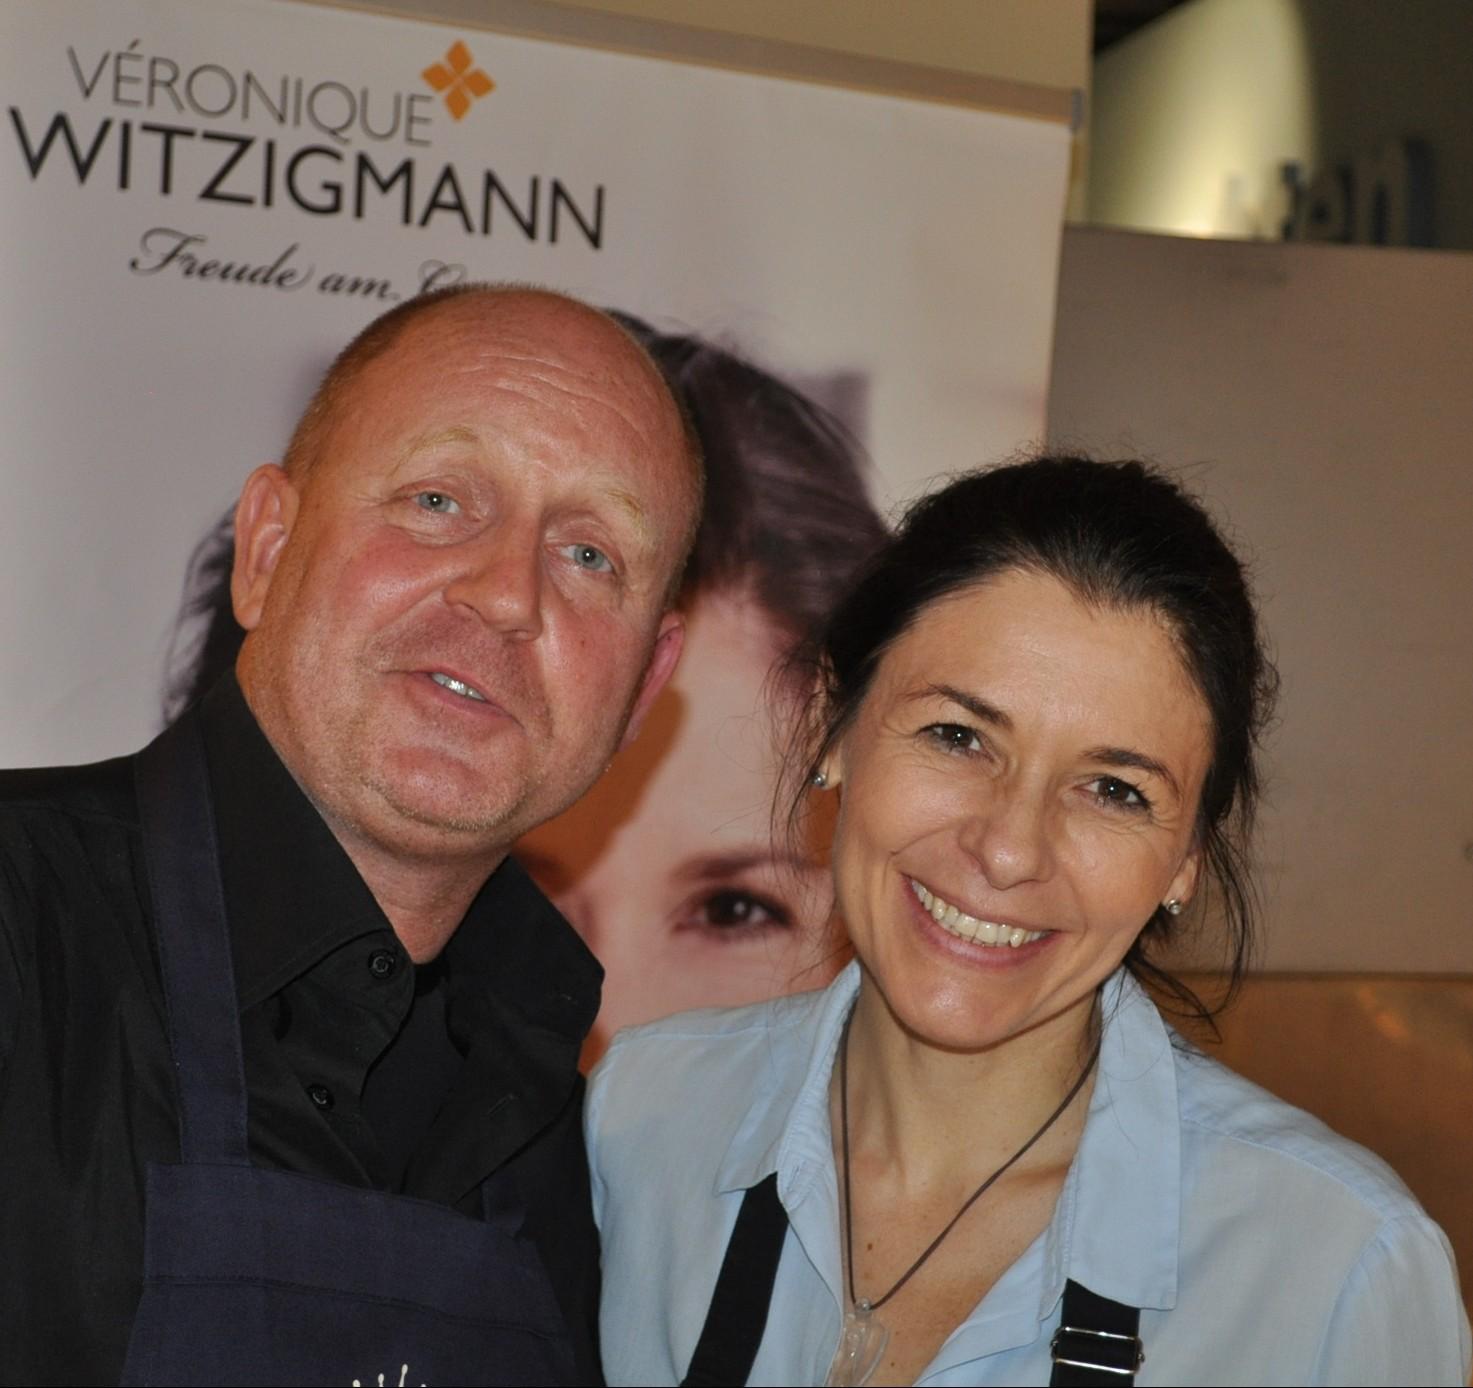 Zurheide Gourmet Festival 2015 / Andreas Conrad von FrontRowSociety.net mit Veronique Witzigmann, Foto Annett Conrad